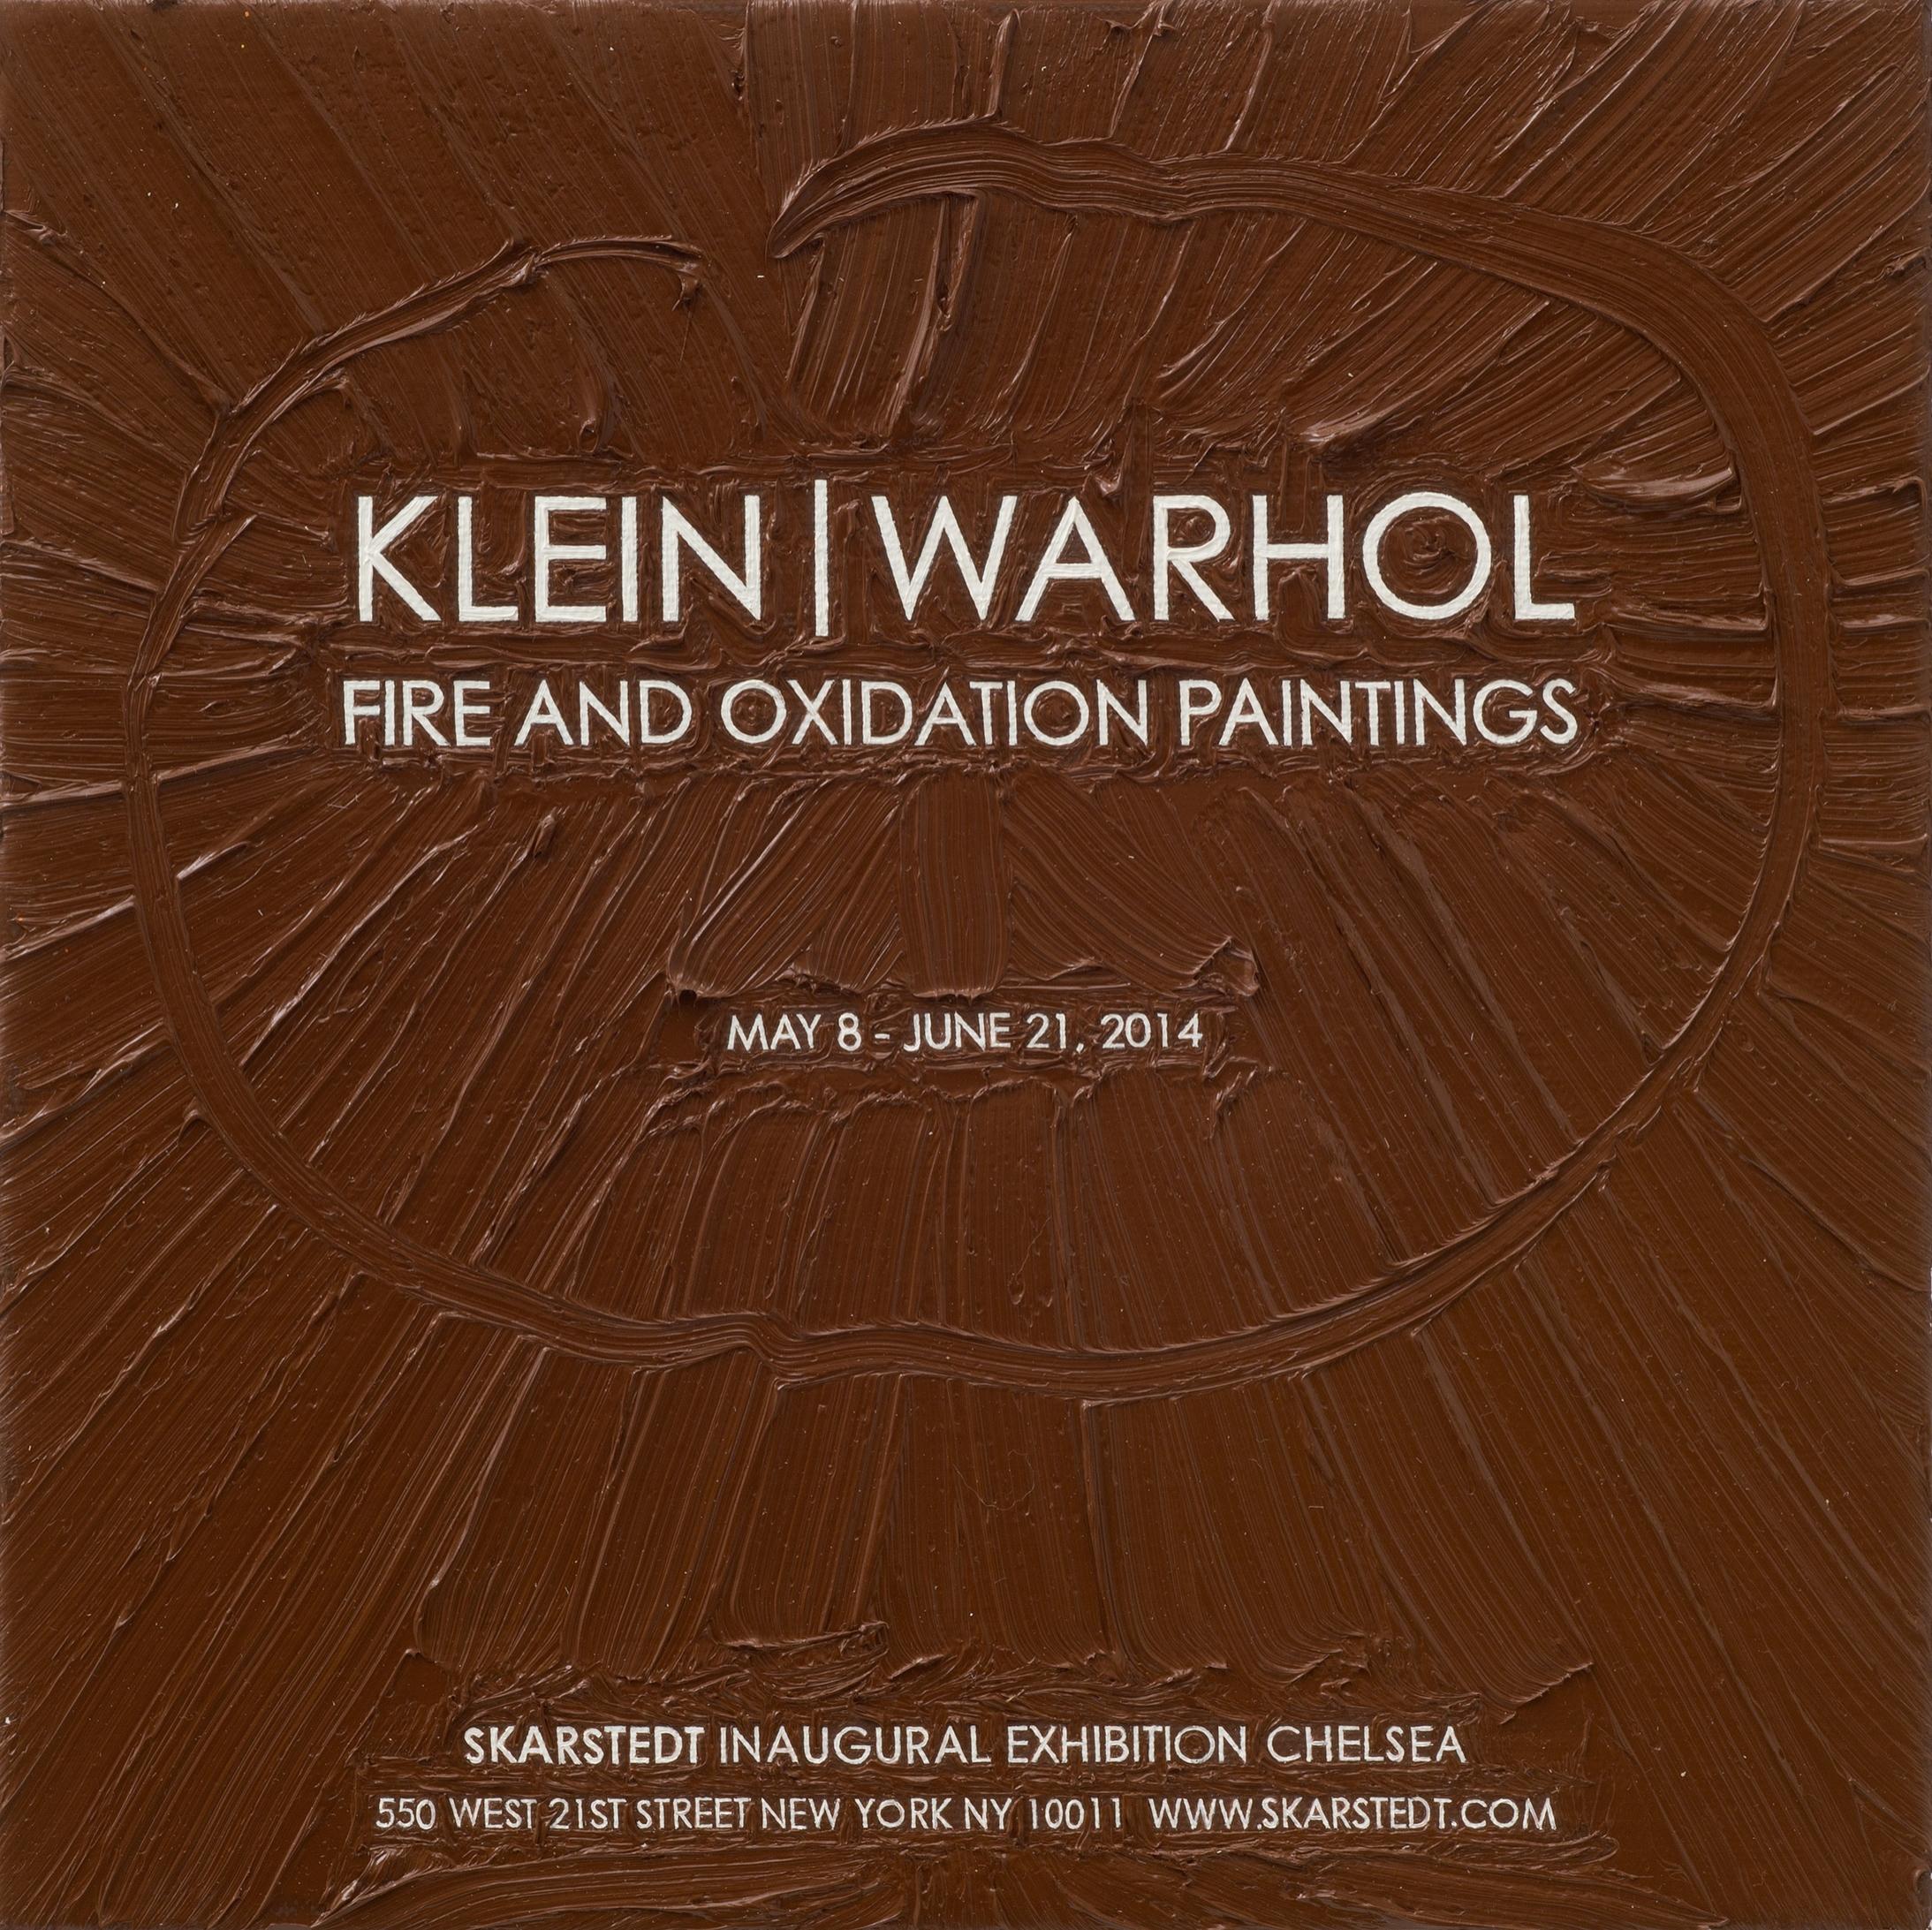 Klein Warhol at Skarstedt